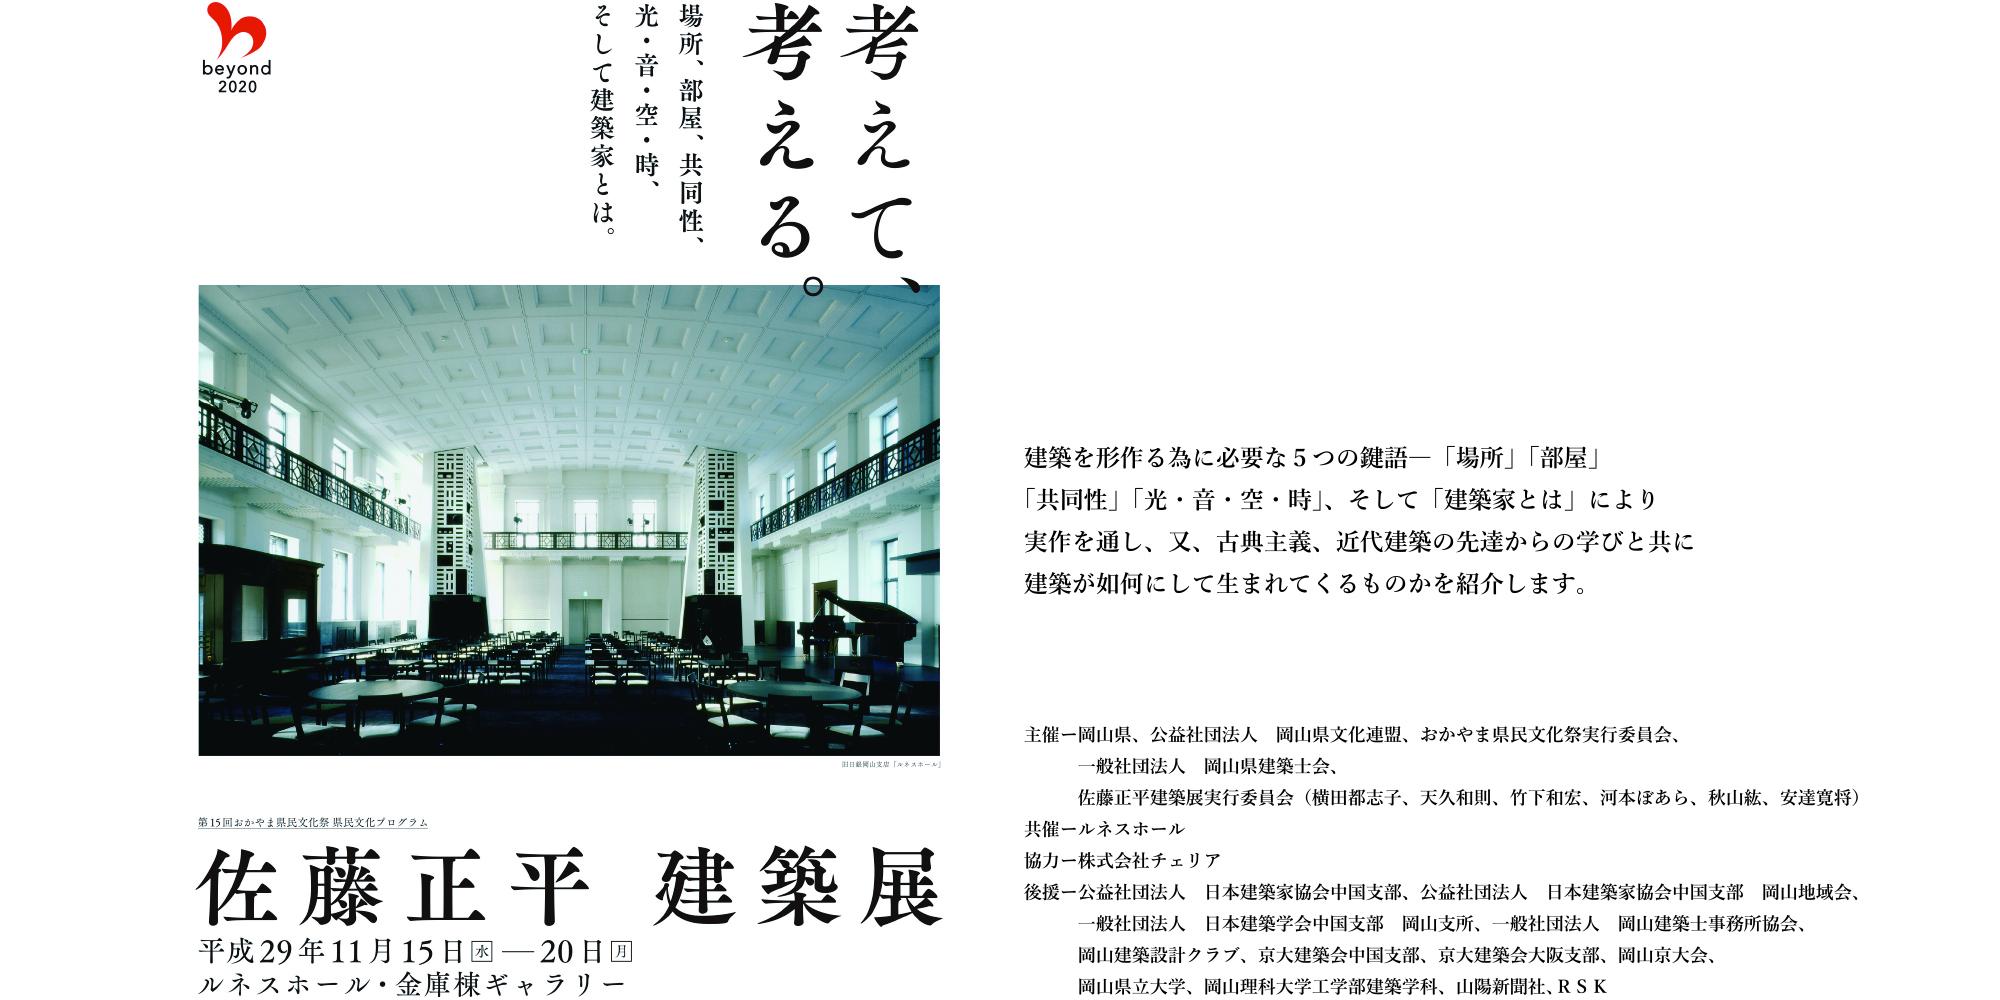 佐藤建築事務所「佐藤正平建築展」